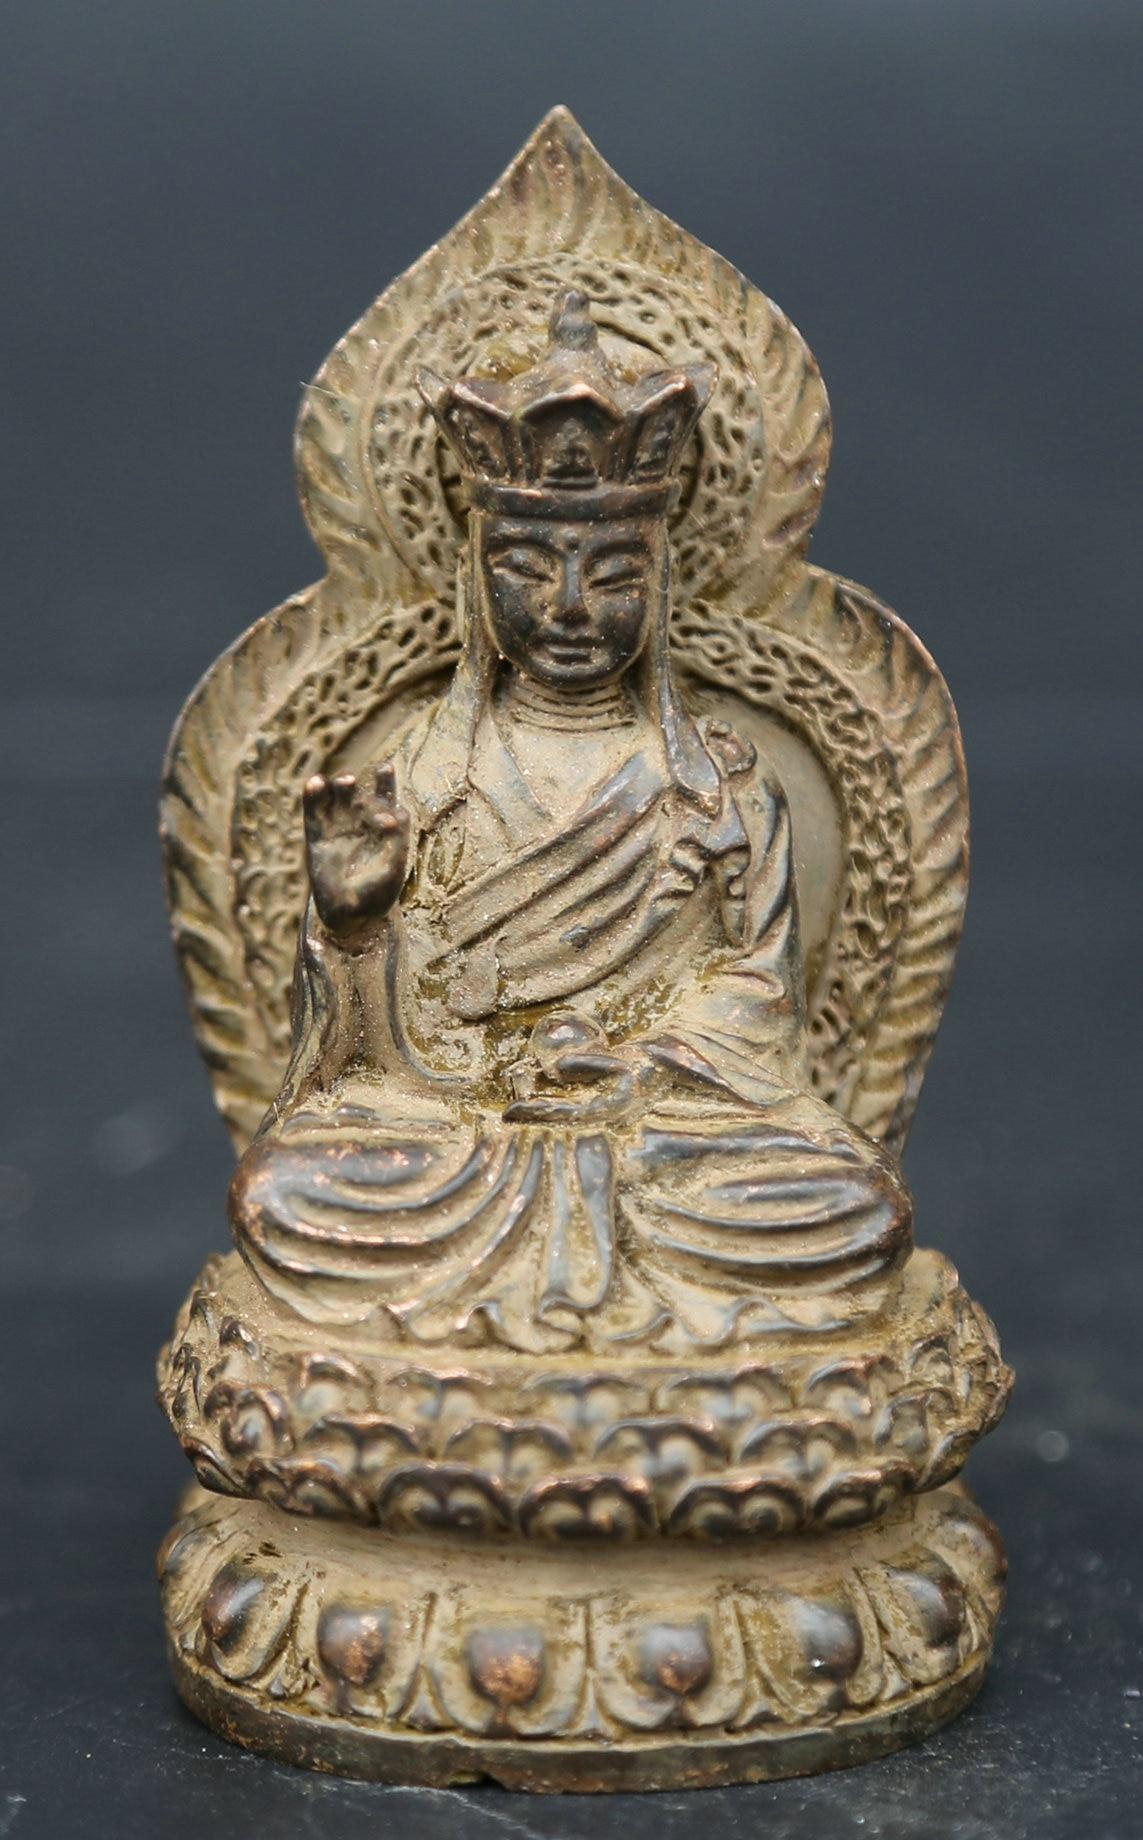 85 мм/3,3 Коллекция Античная китайская бронза изысканный буддизм Ksitigarbha статуя Будды Бодхисаттва 155 г